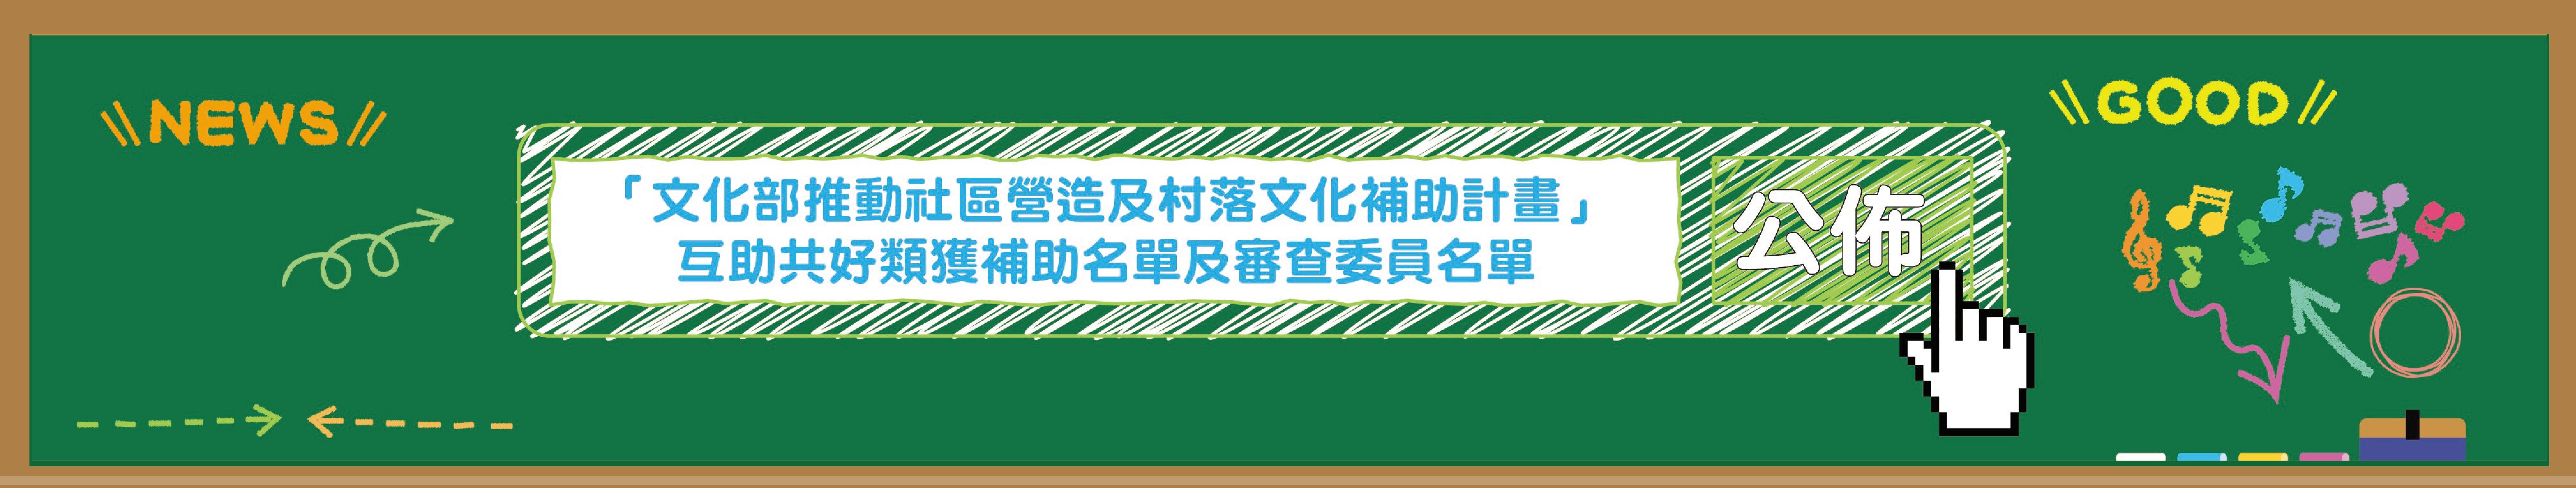 109年「文化部推動社區營造及村落文化補助計畫」互助共好類獲補助名單及審查委員名單